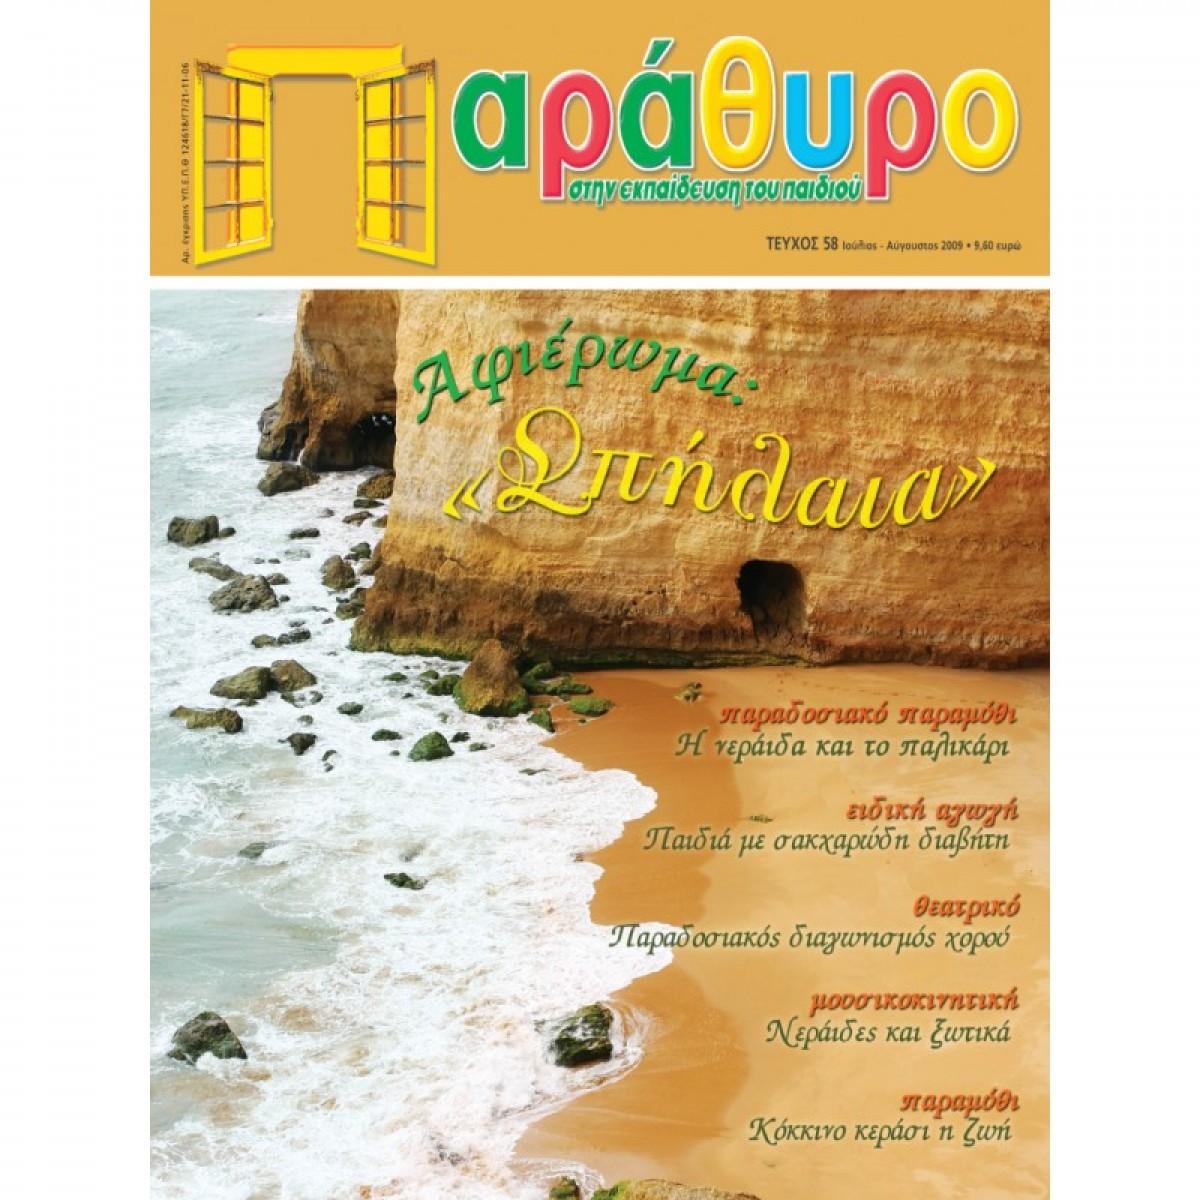 ΠΑΡΑΘΥΡΟ ΤΕΥΧΟΣ 58 Περιοδικό Παράθυρο